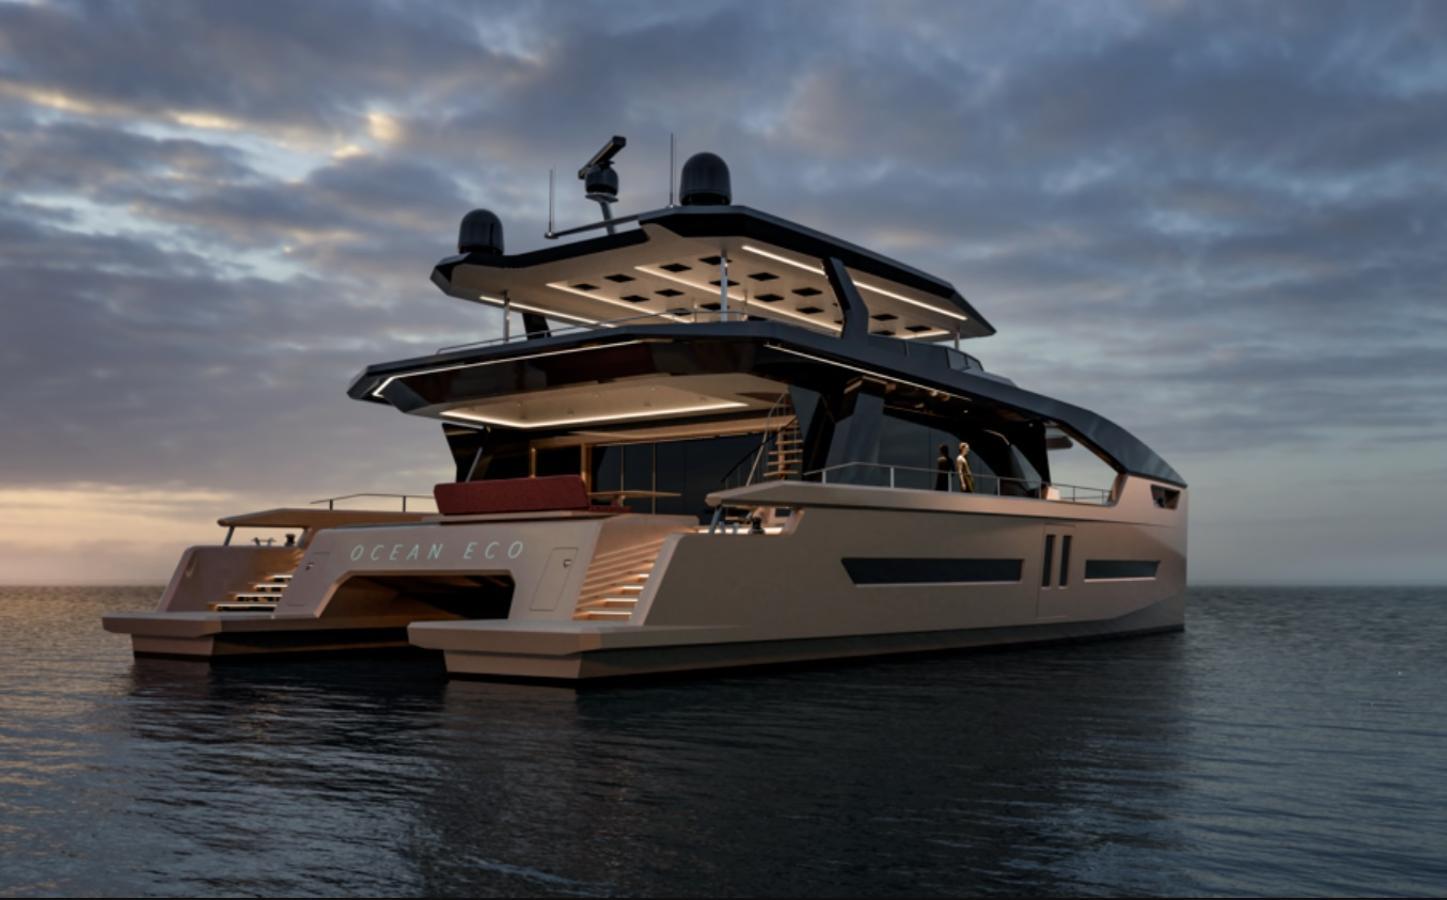 Ocean Eco 90, lujo y sostenibilidad